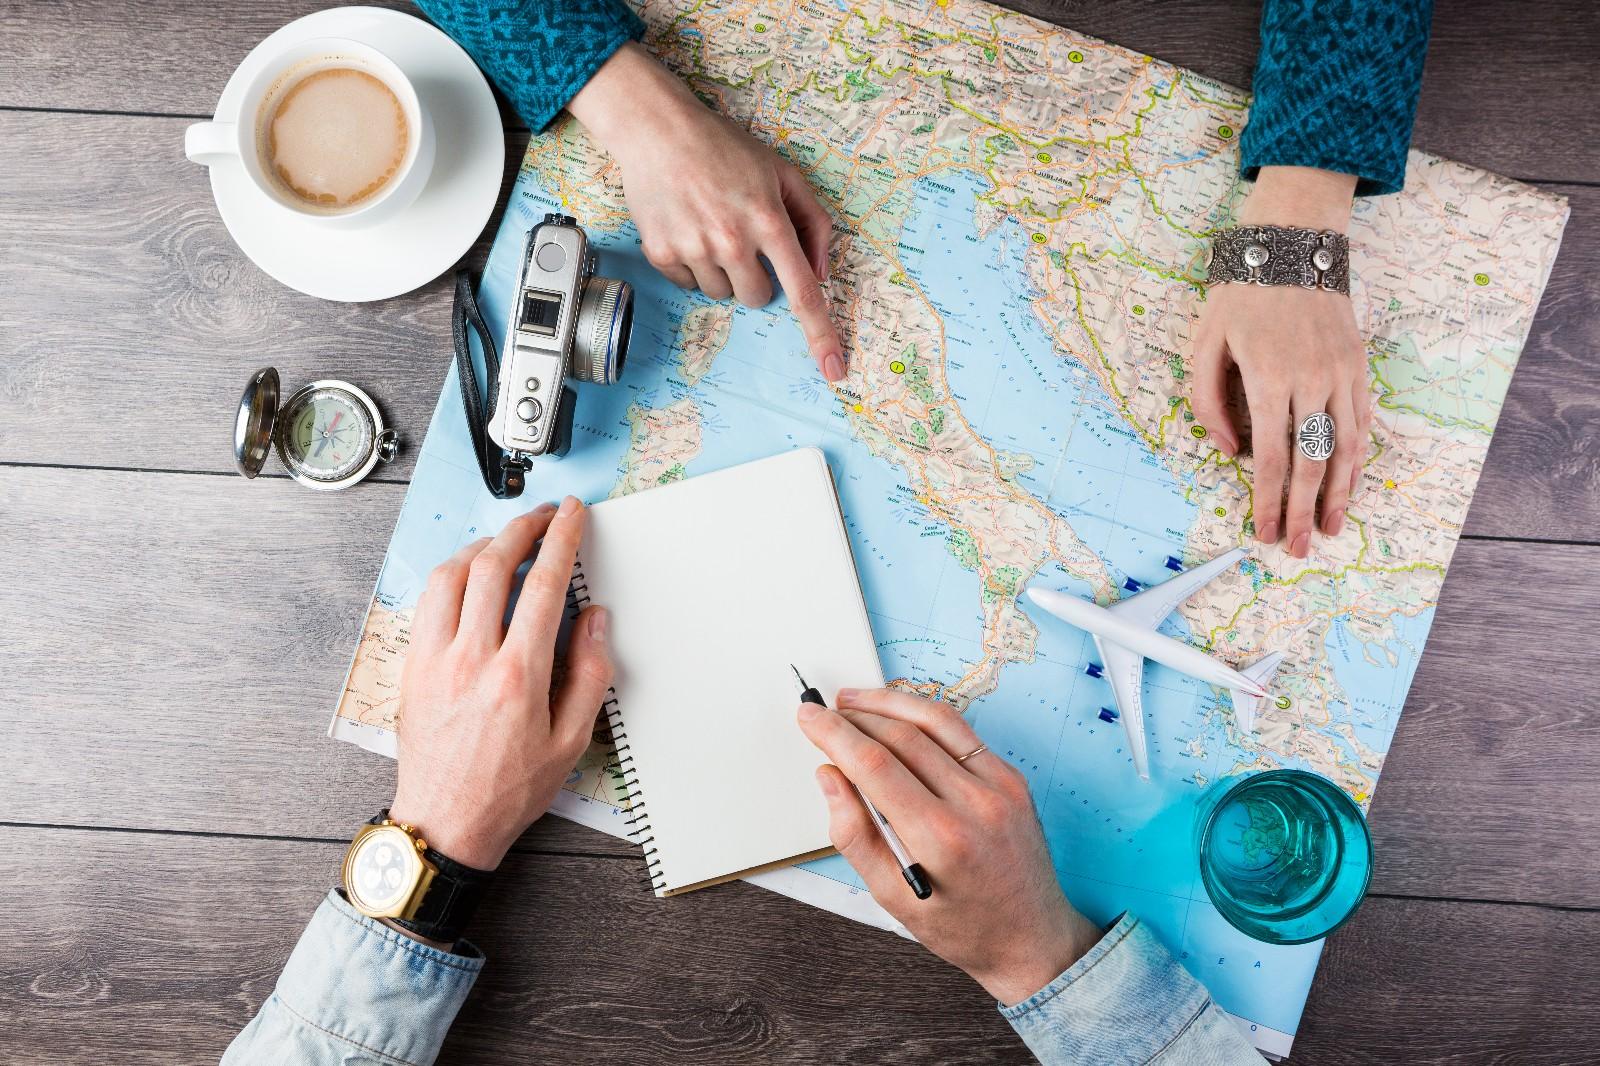 与猫途鹰成立合伙公司,携程再露全球化野心